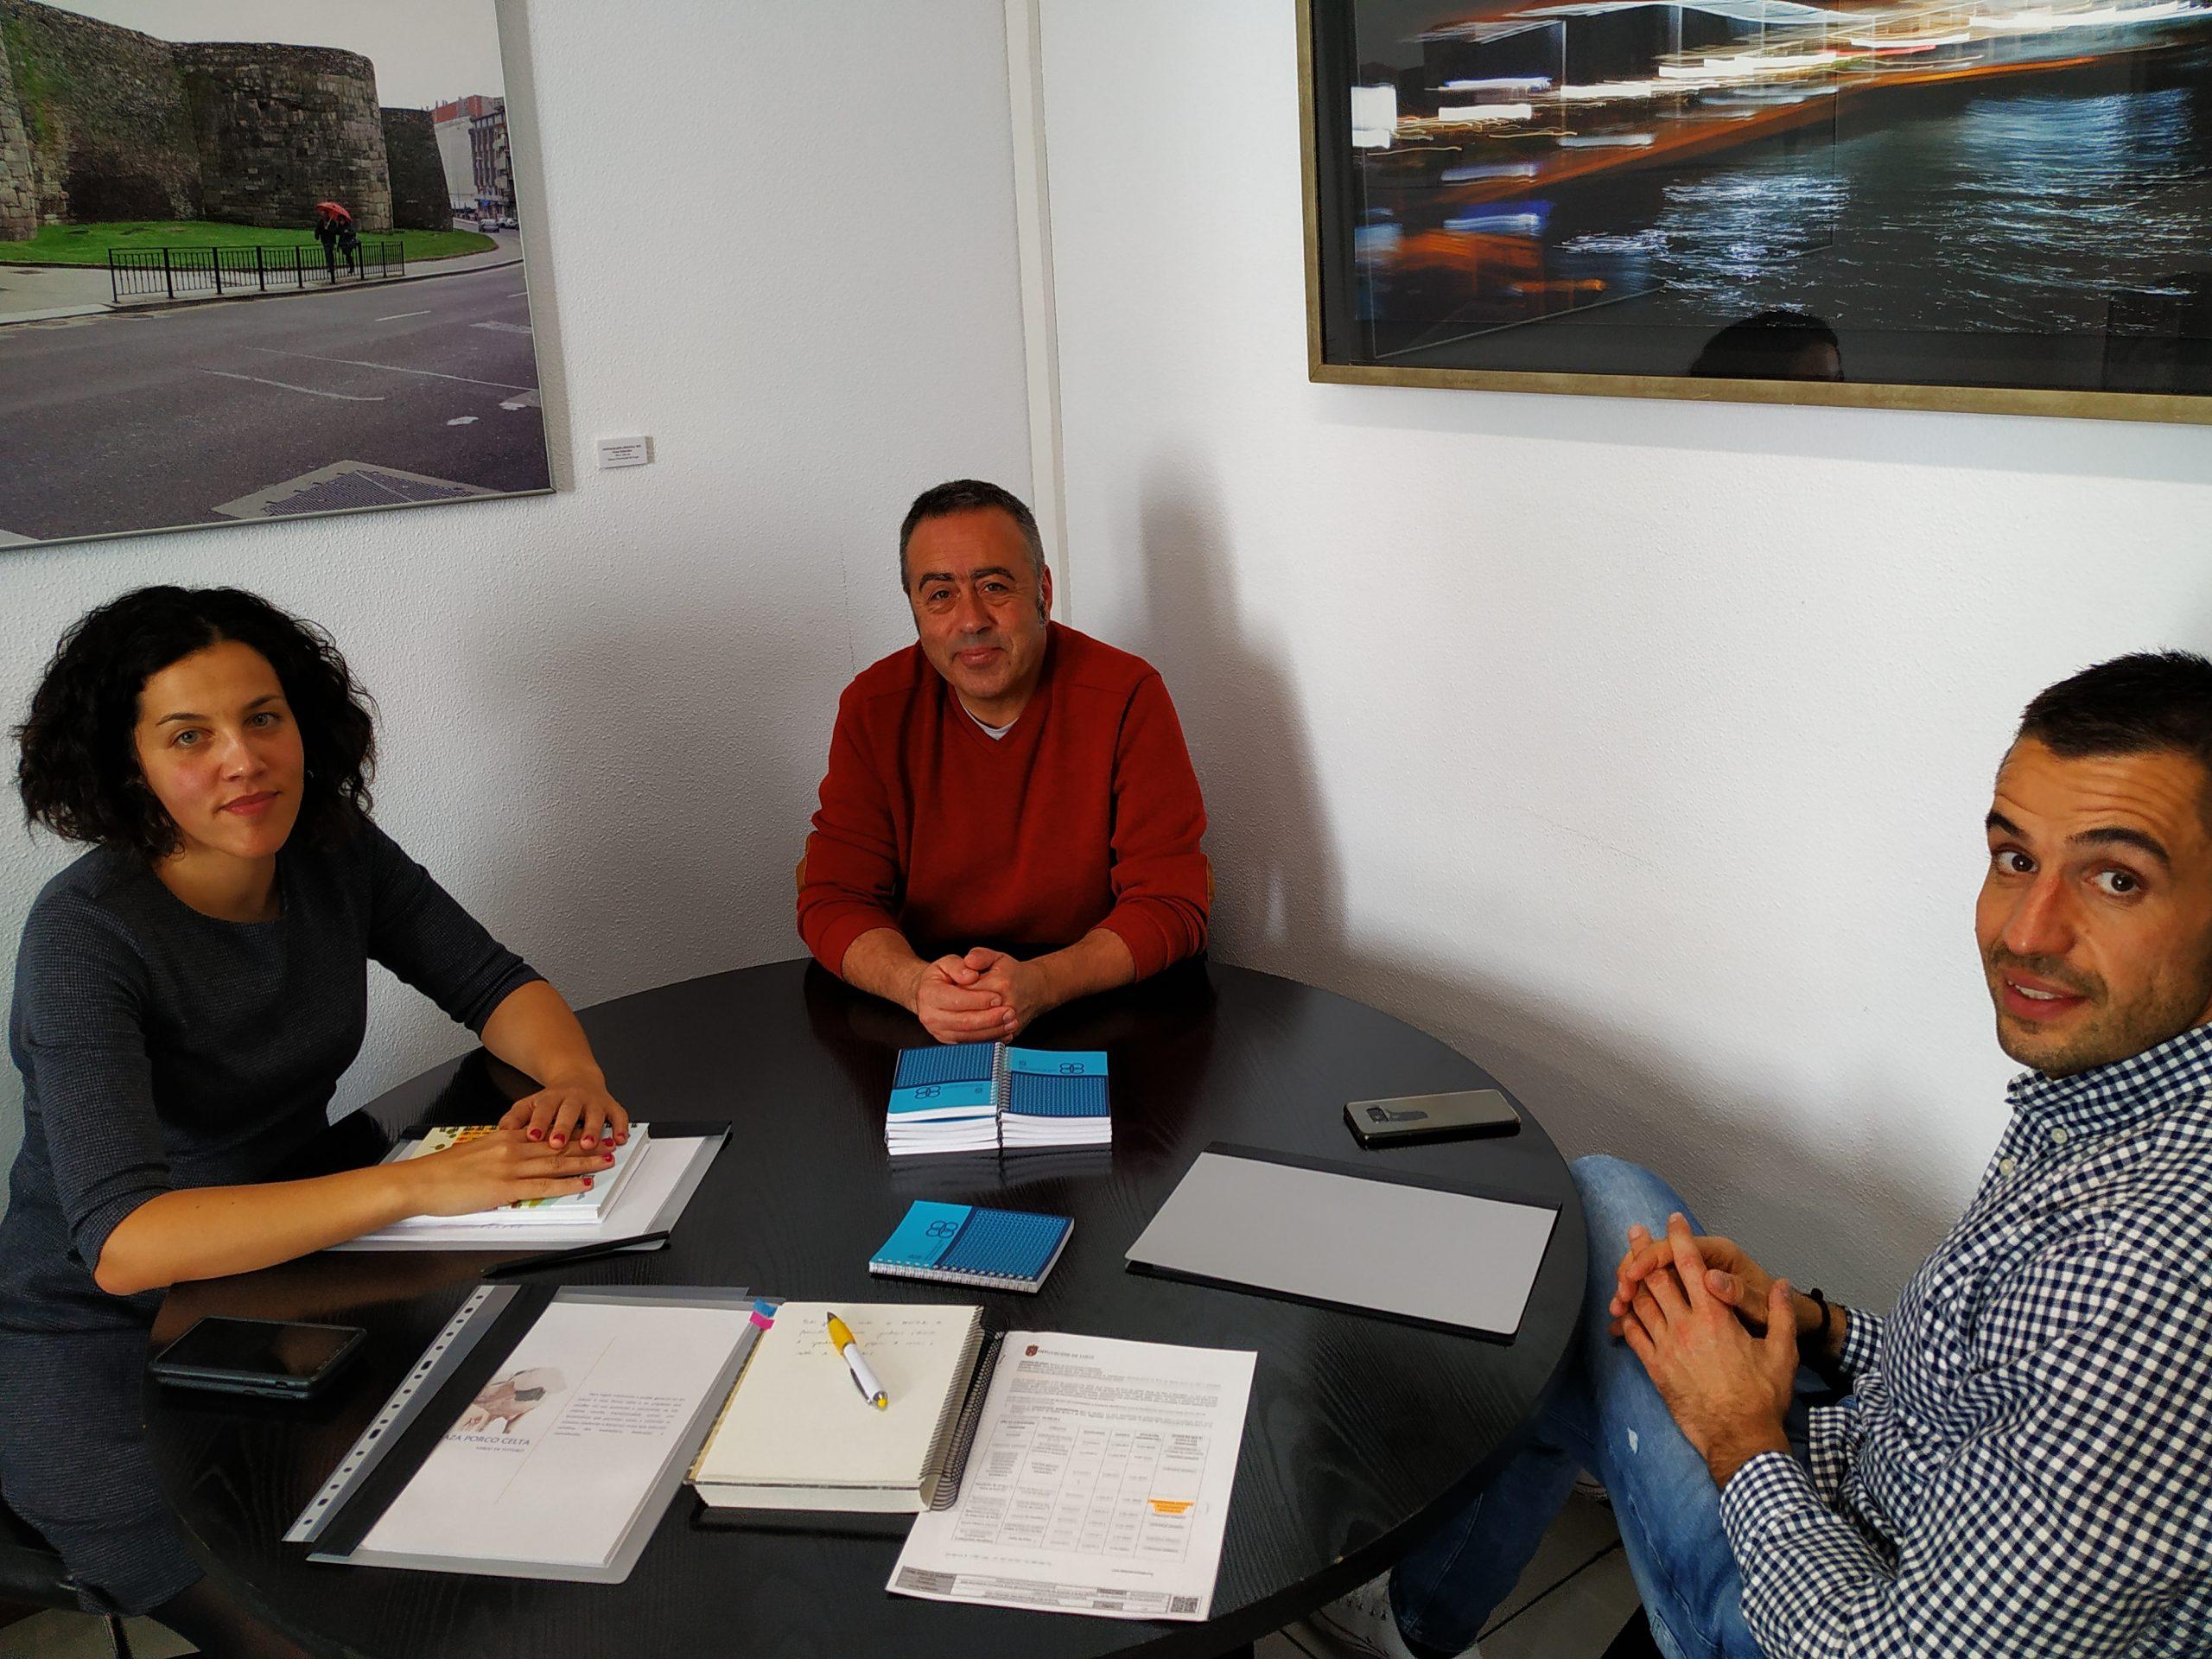 A Xunta e o grupo Lence analizan os apoios á innovación dirixidos á industria alimentaria